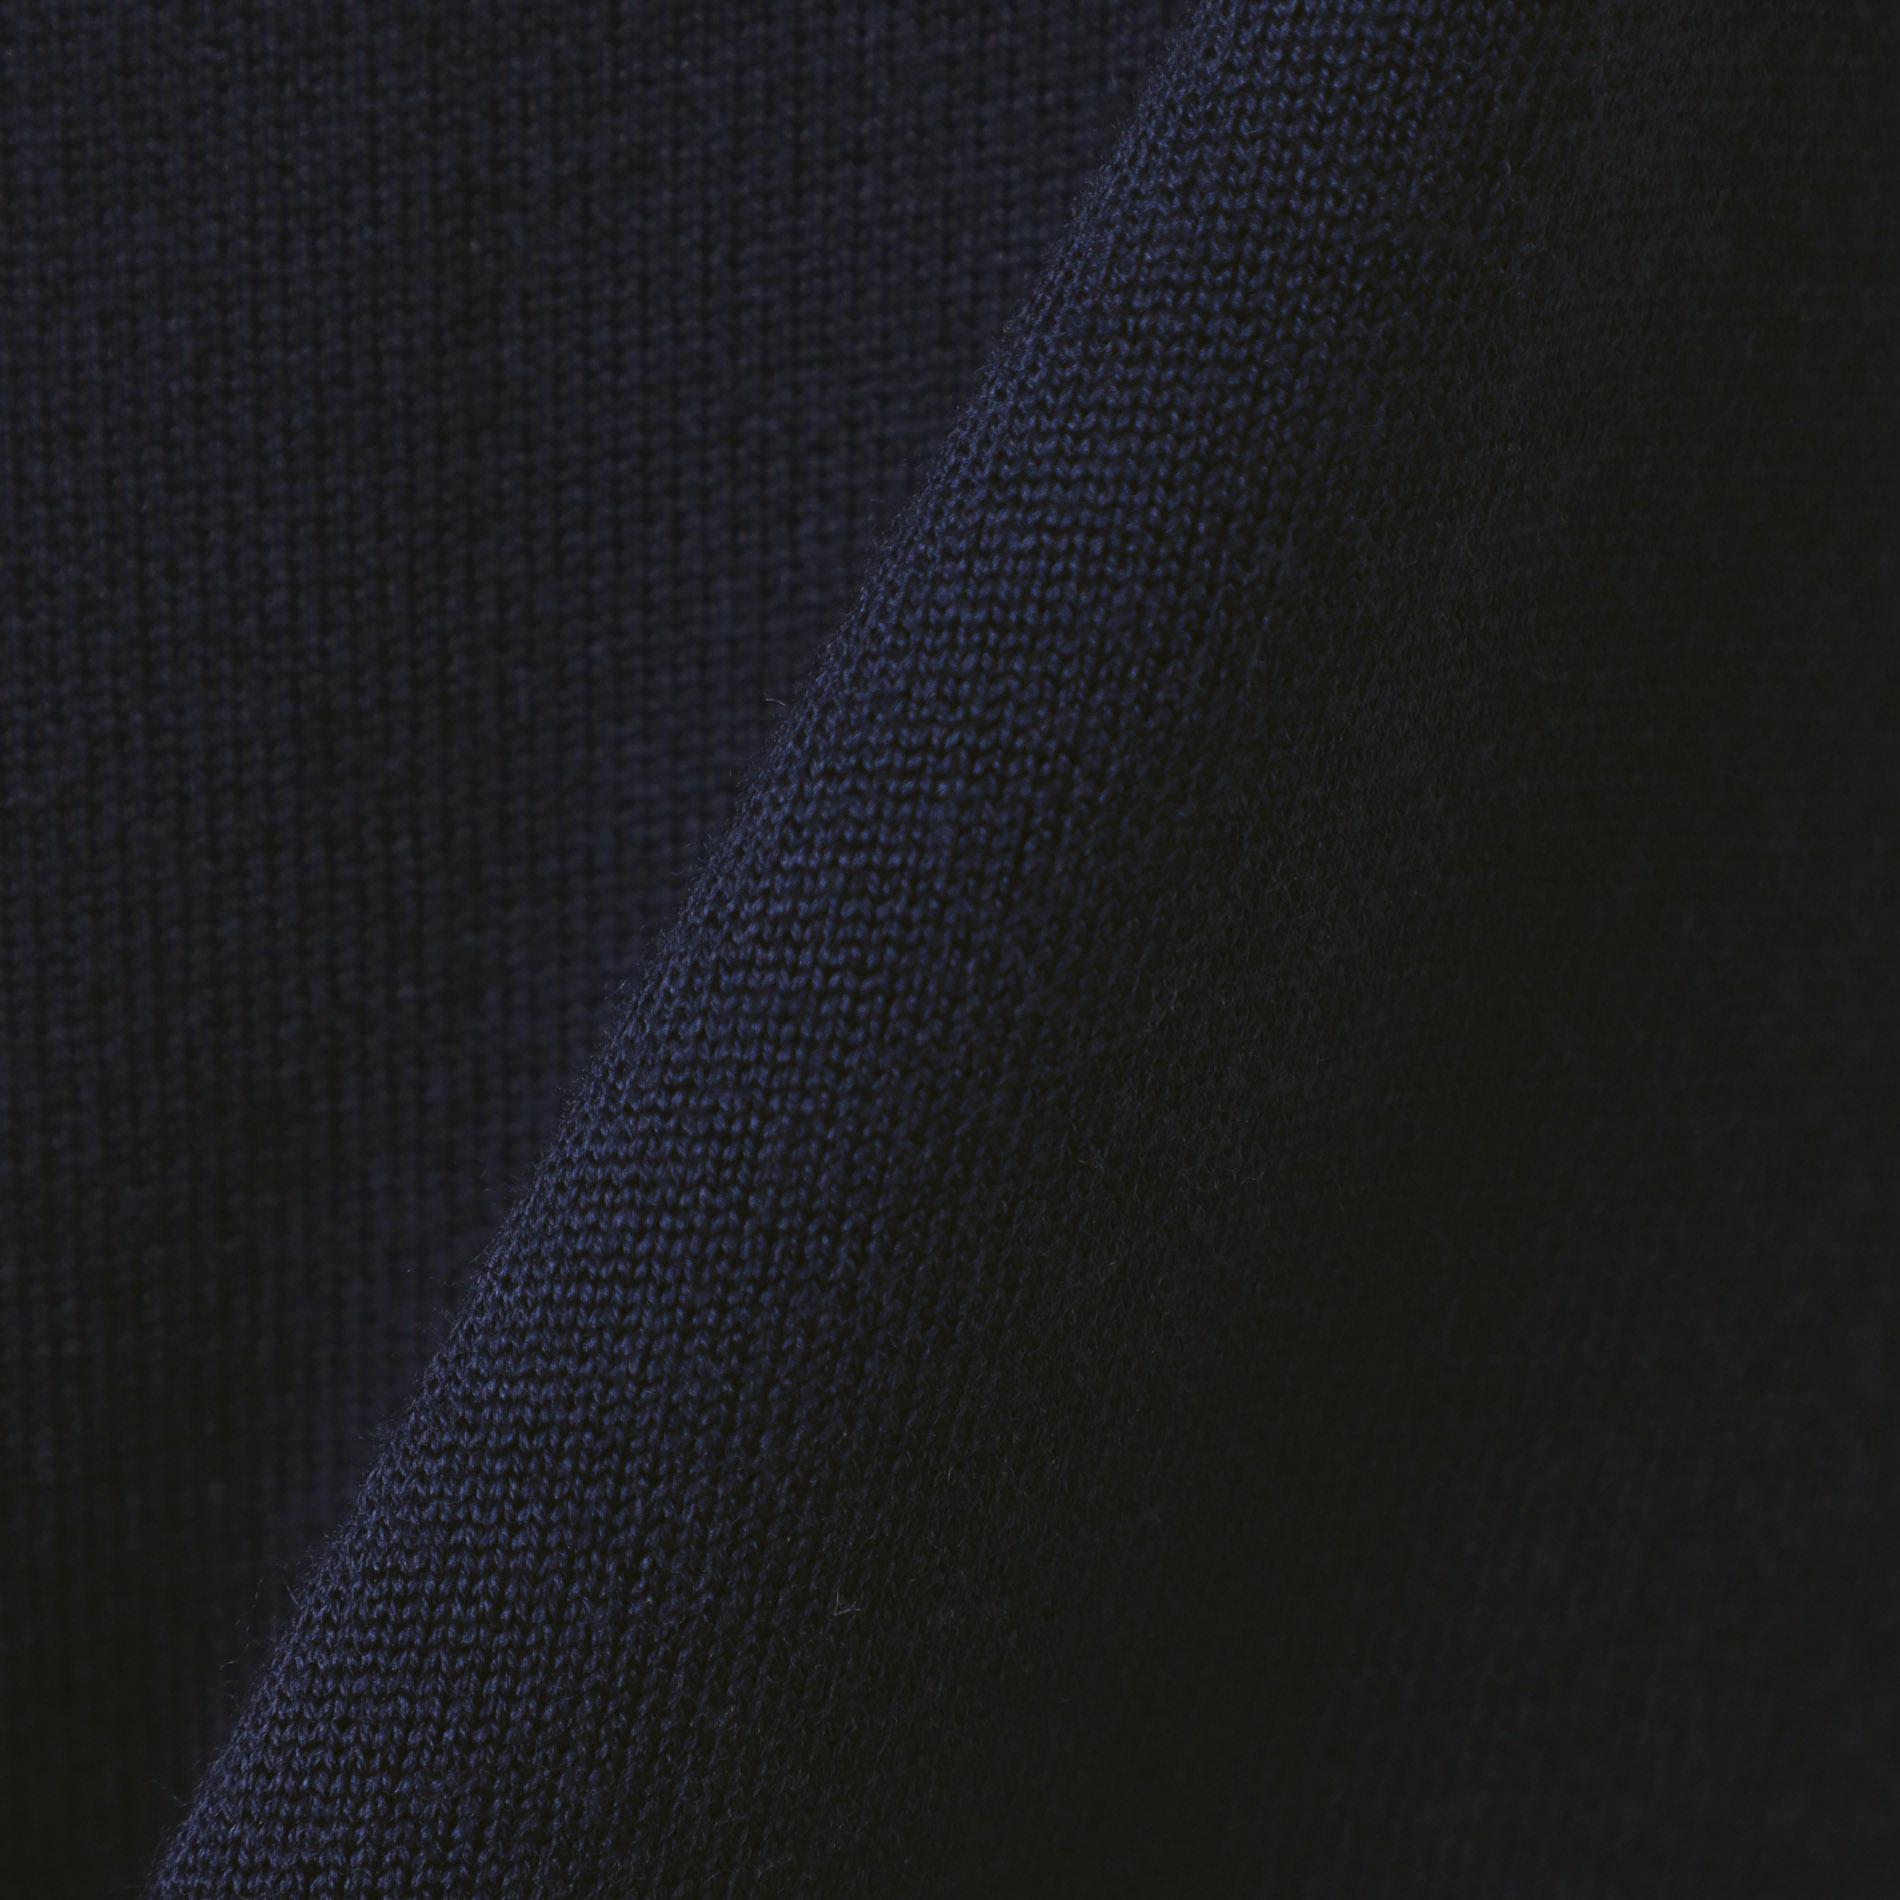 ダブルフェイスファインニットウールコート